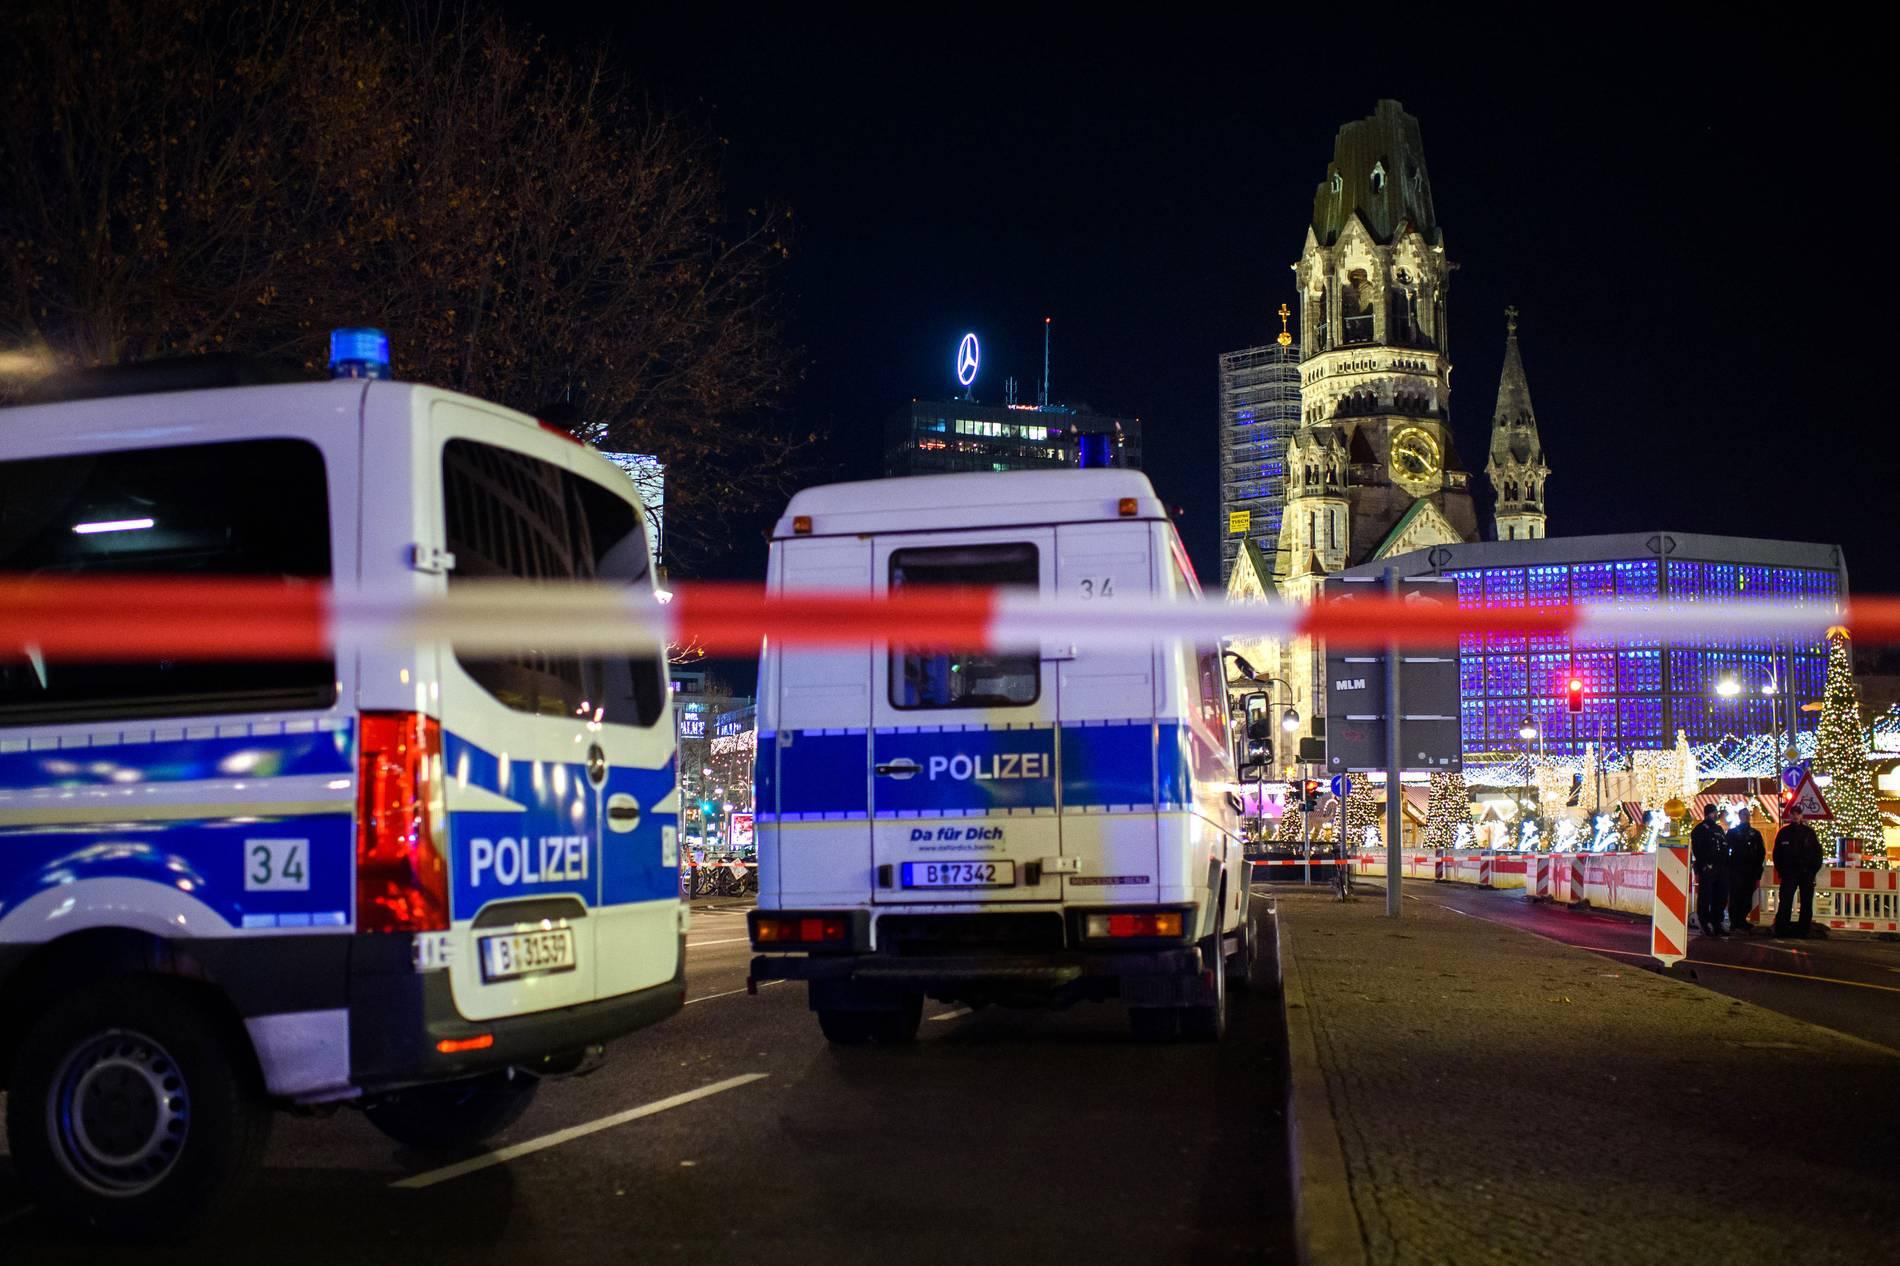 Weihnachtsmarkt auf Berliner Breitscheidplatz zeitweise geräumt